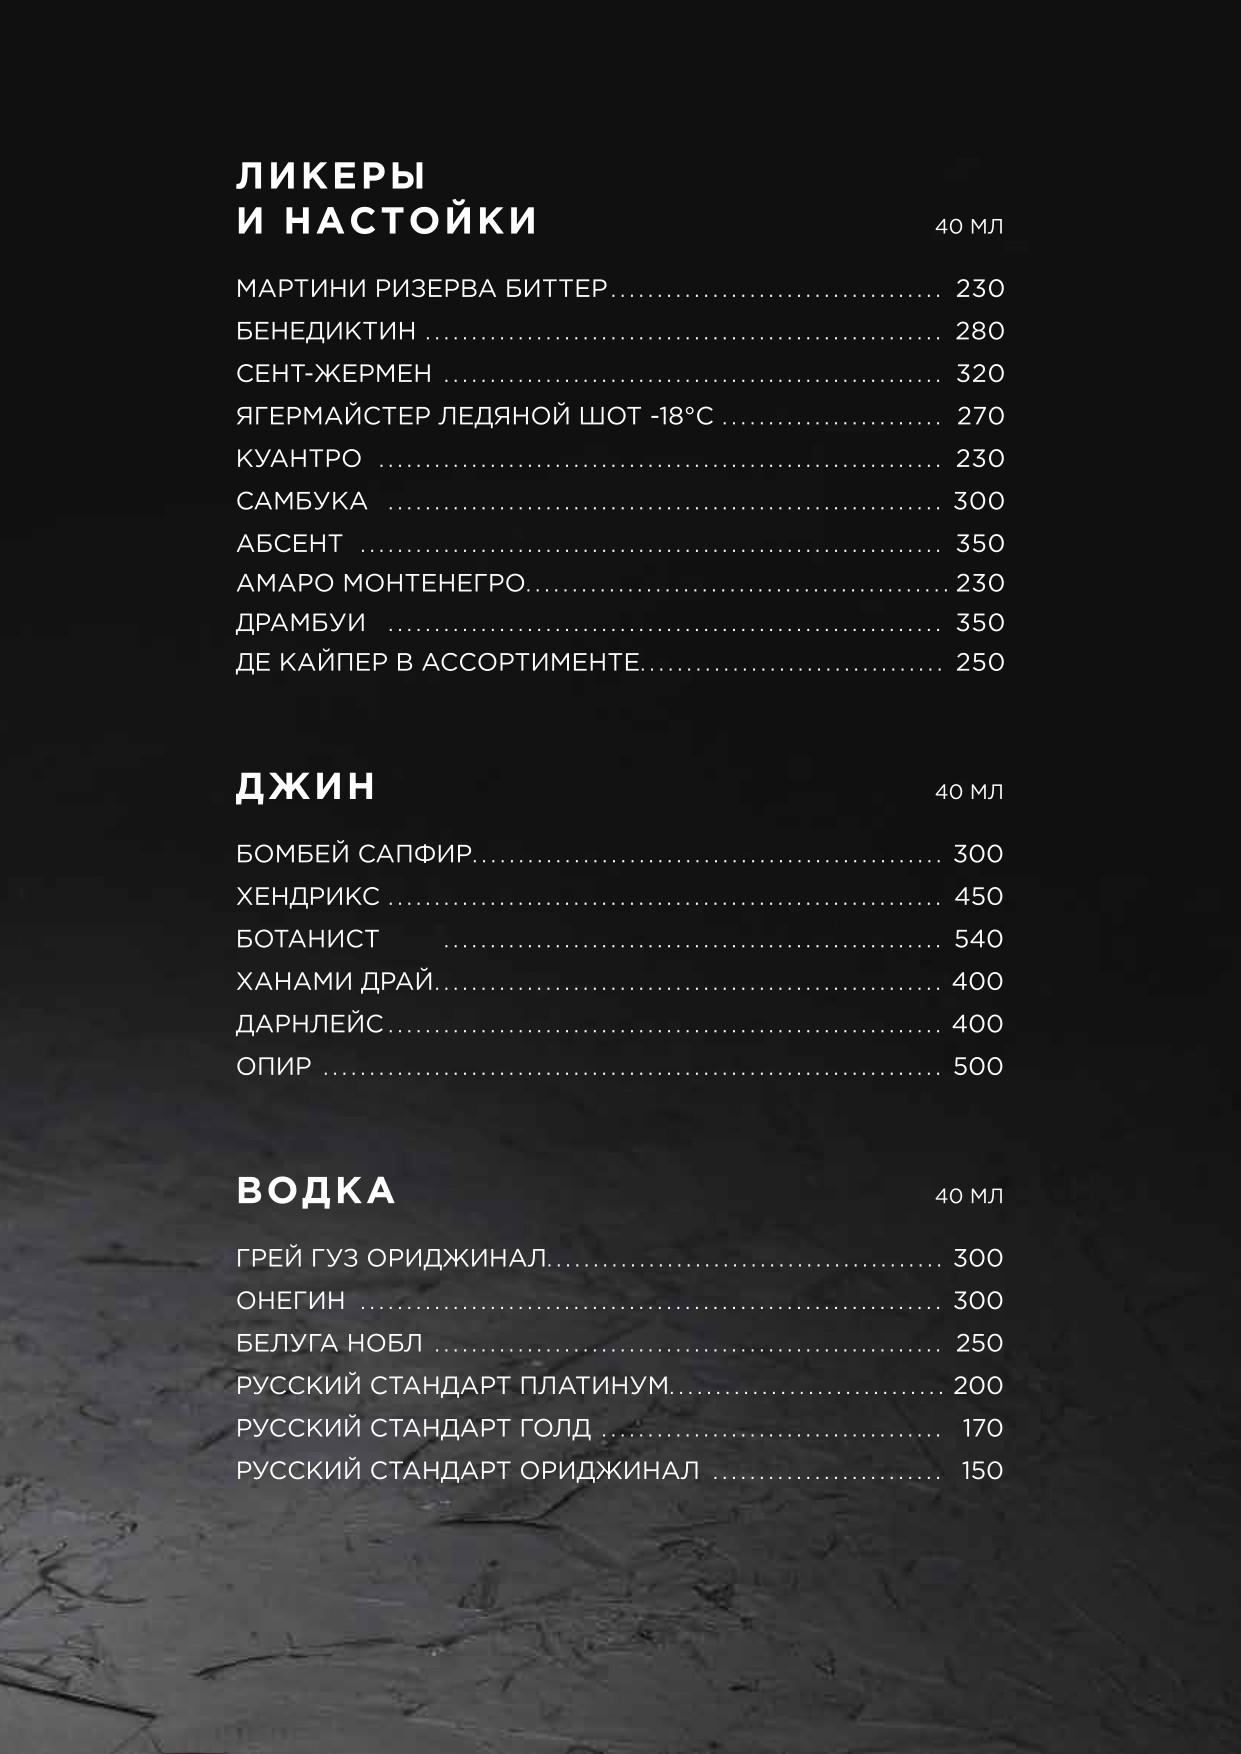 ГГ бар_превью_март2020_page-0018.jpg